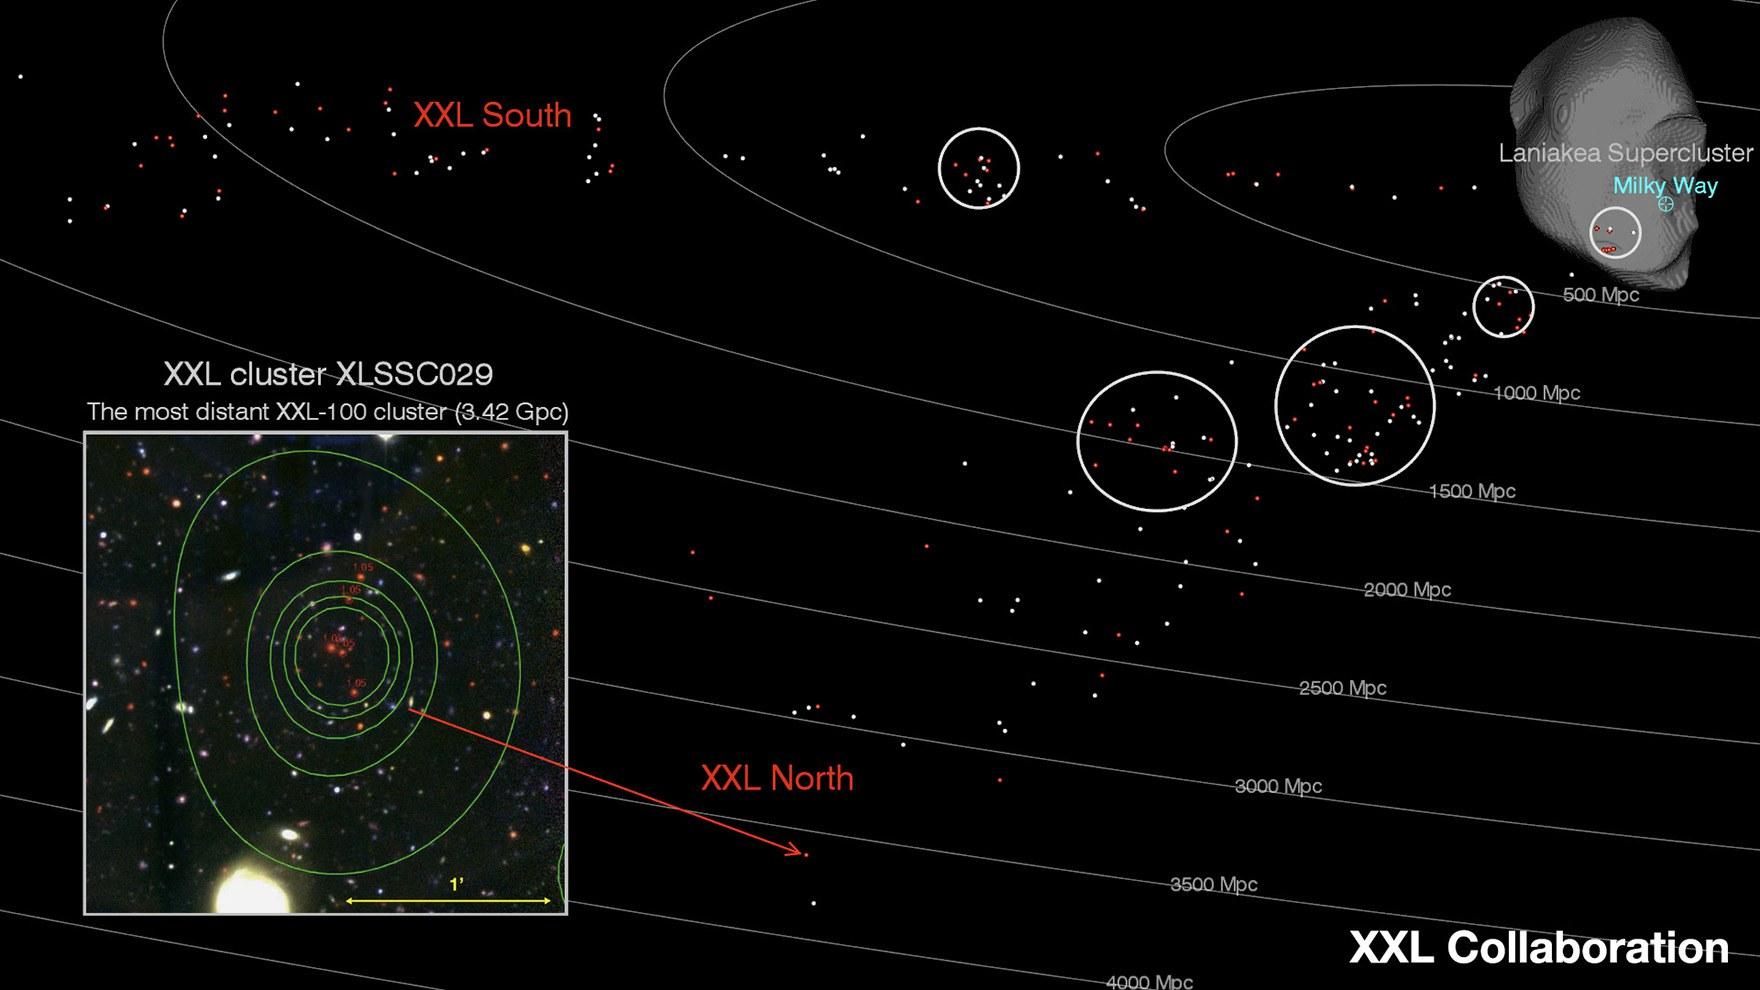 Das XXL-Projekt beobachtet zwei Bereiche des Himmels (XXL North und XXL South):